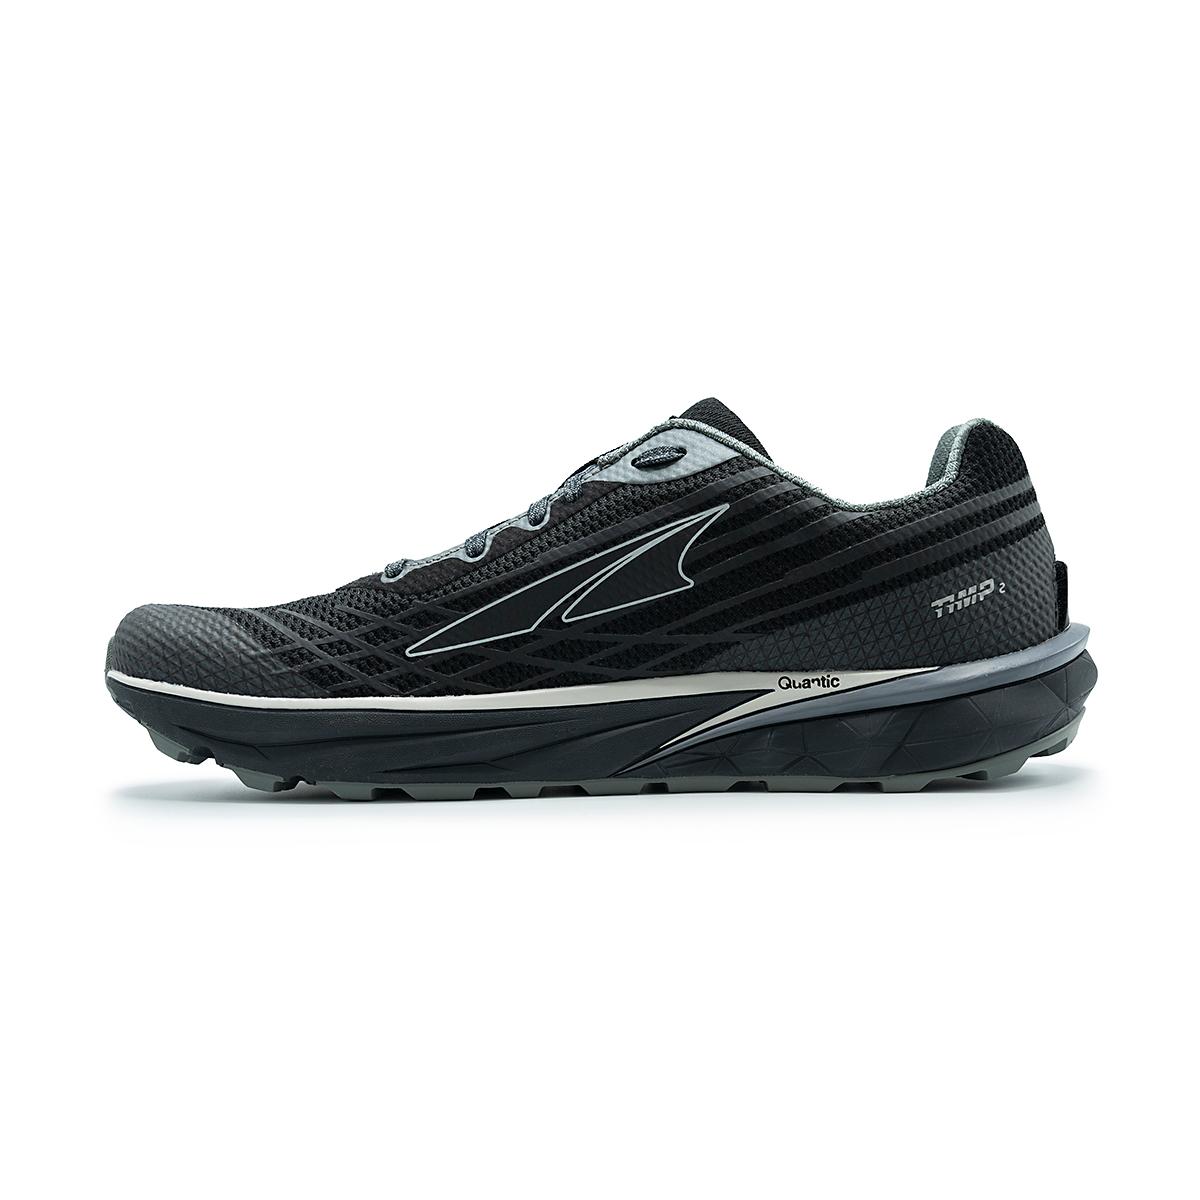 Men's Altra Timp 2 Running Shoe - Color: Black - Size: 7 - Width: Regular, Black, large, image 2